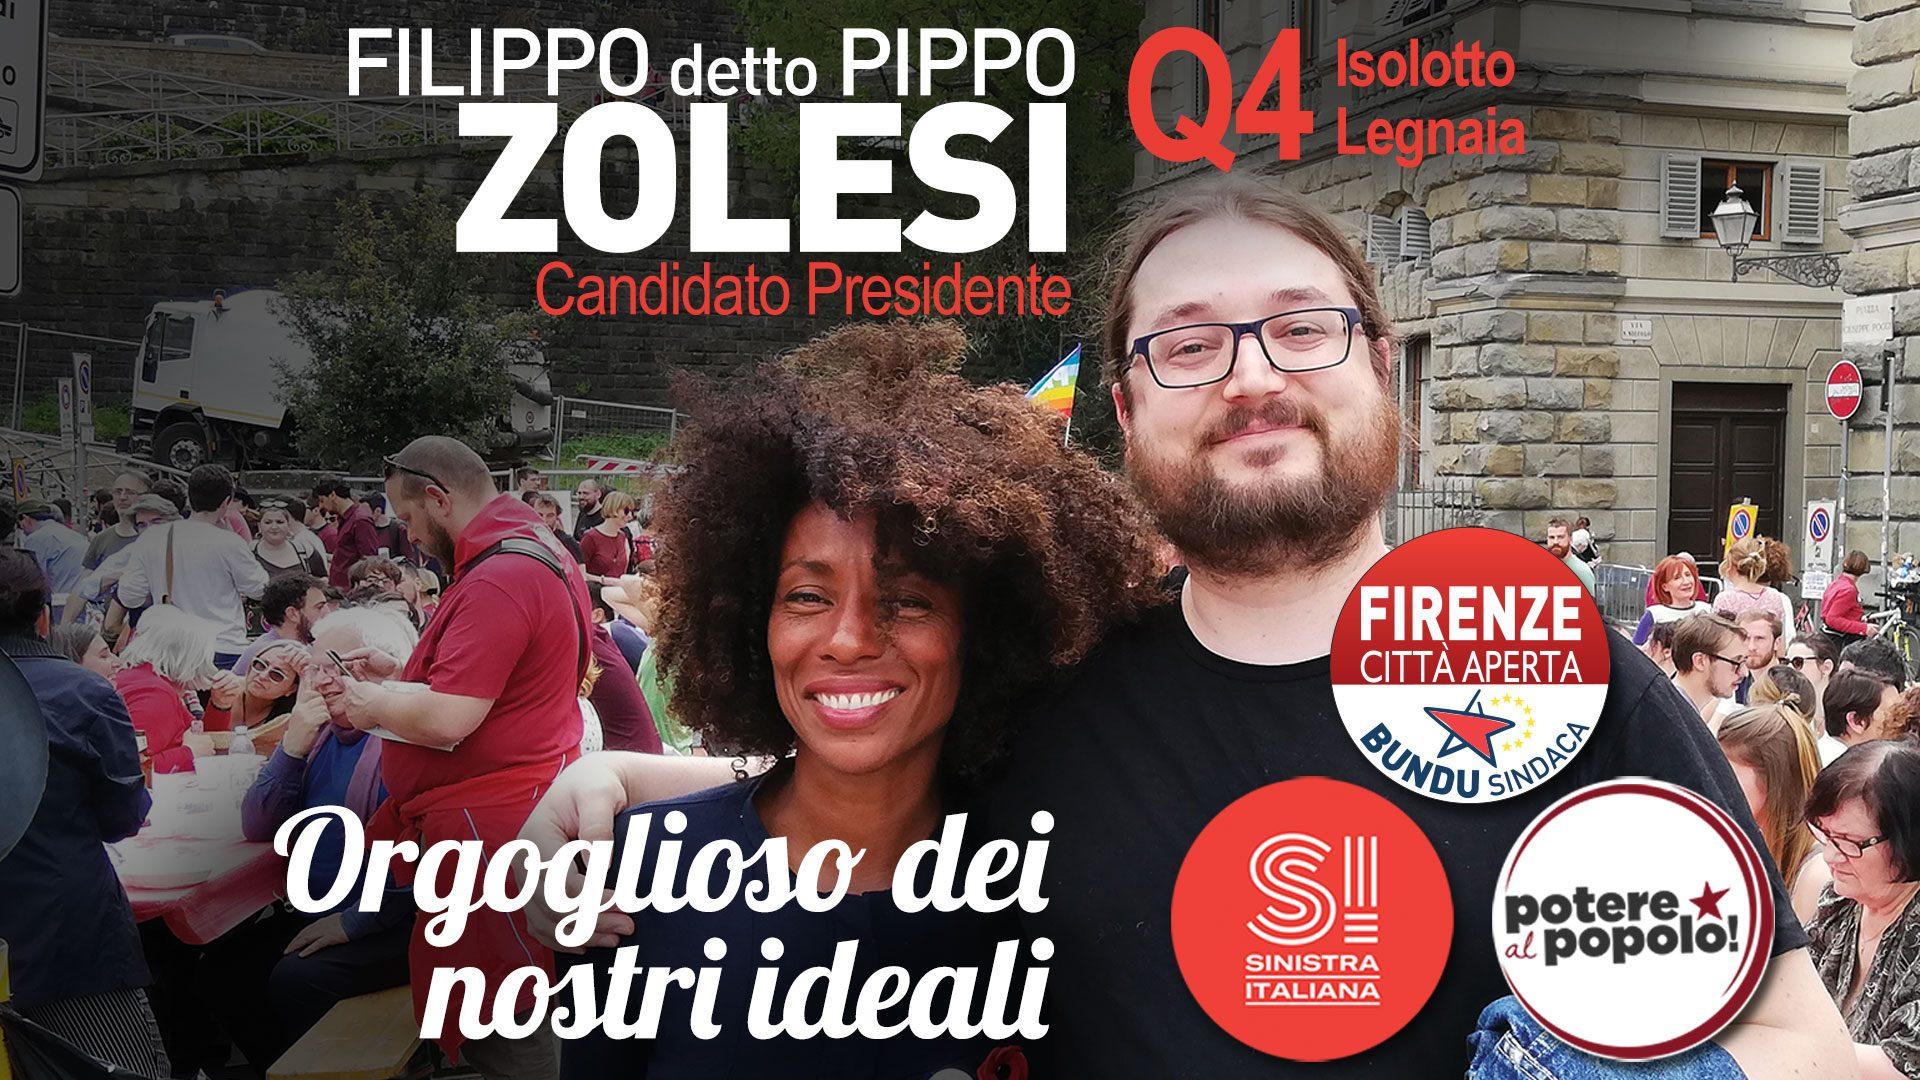 Filippo Zolesi